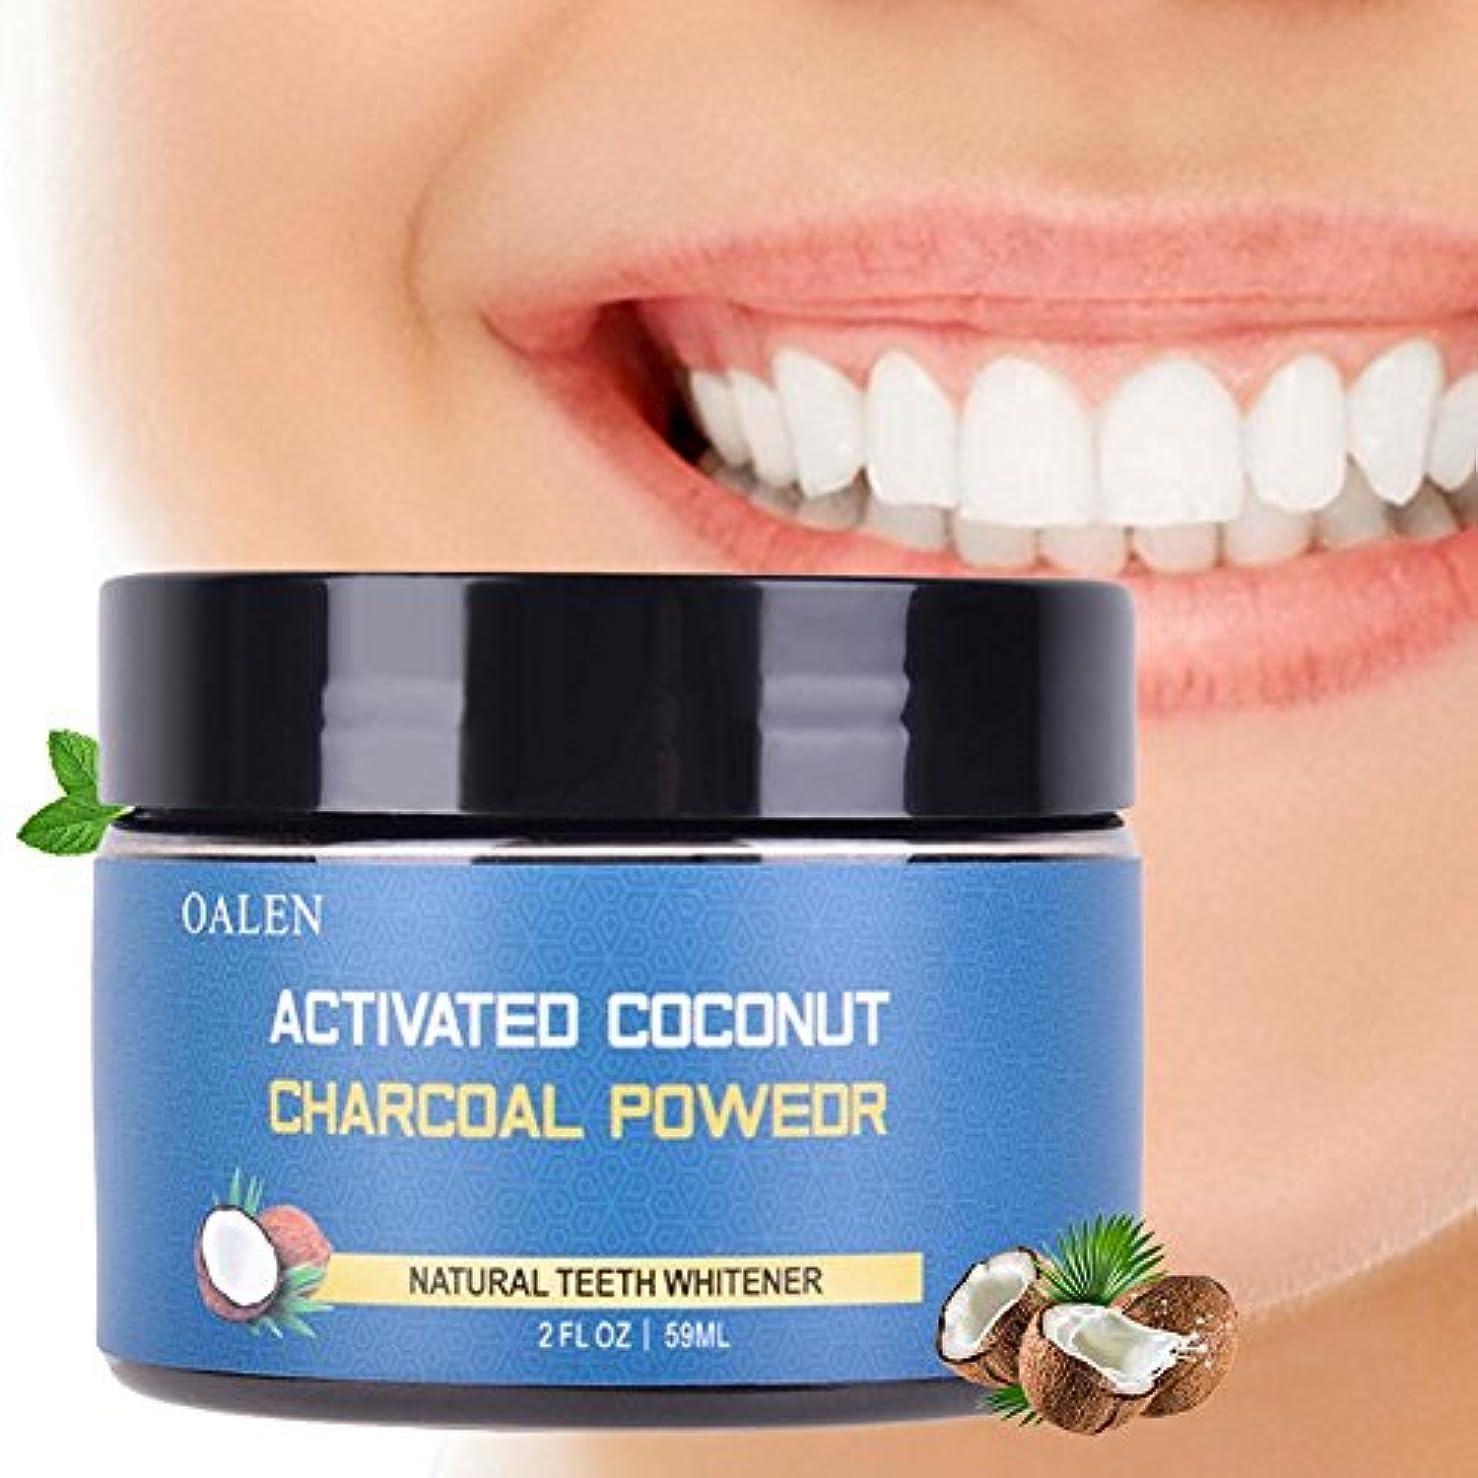 質量集団的うっかりSILUN 歯磨き粉 ニングパウダー有機 ココナッツ殻活性炭組成デンタルステイン除去 歯美白自然 口腔ケア